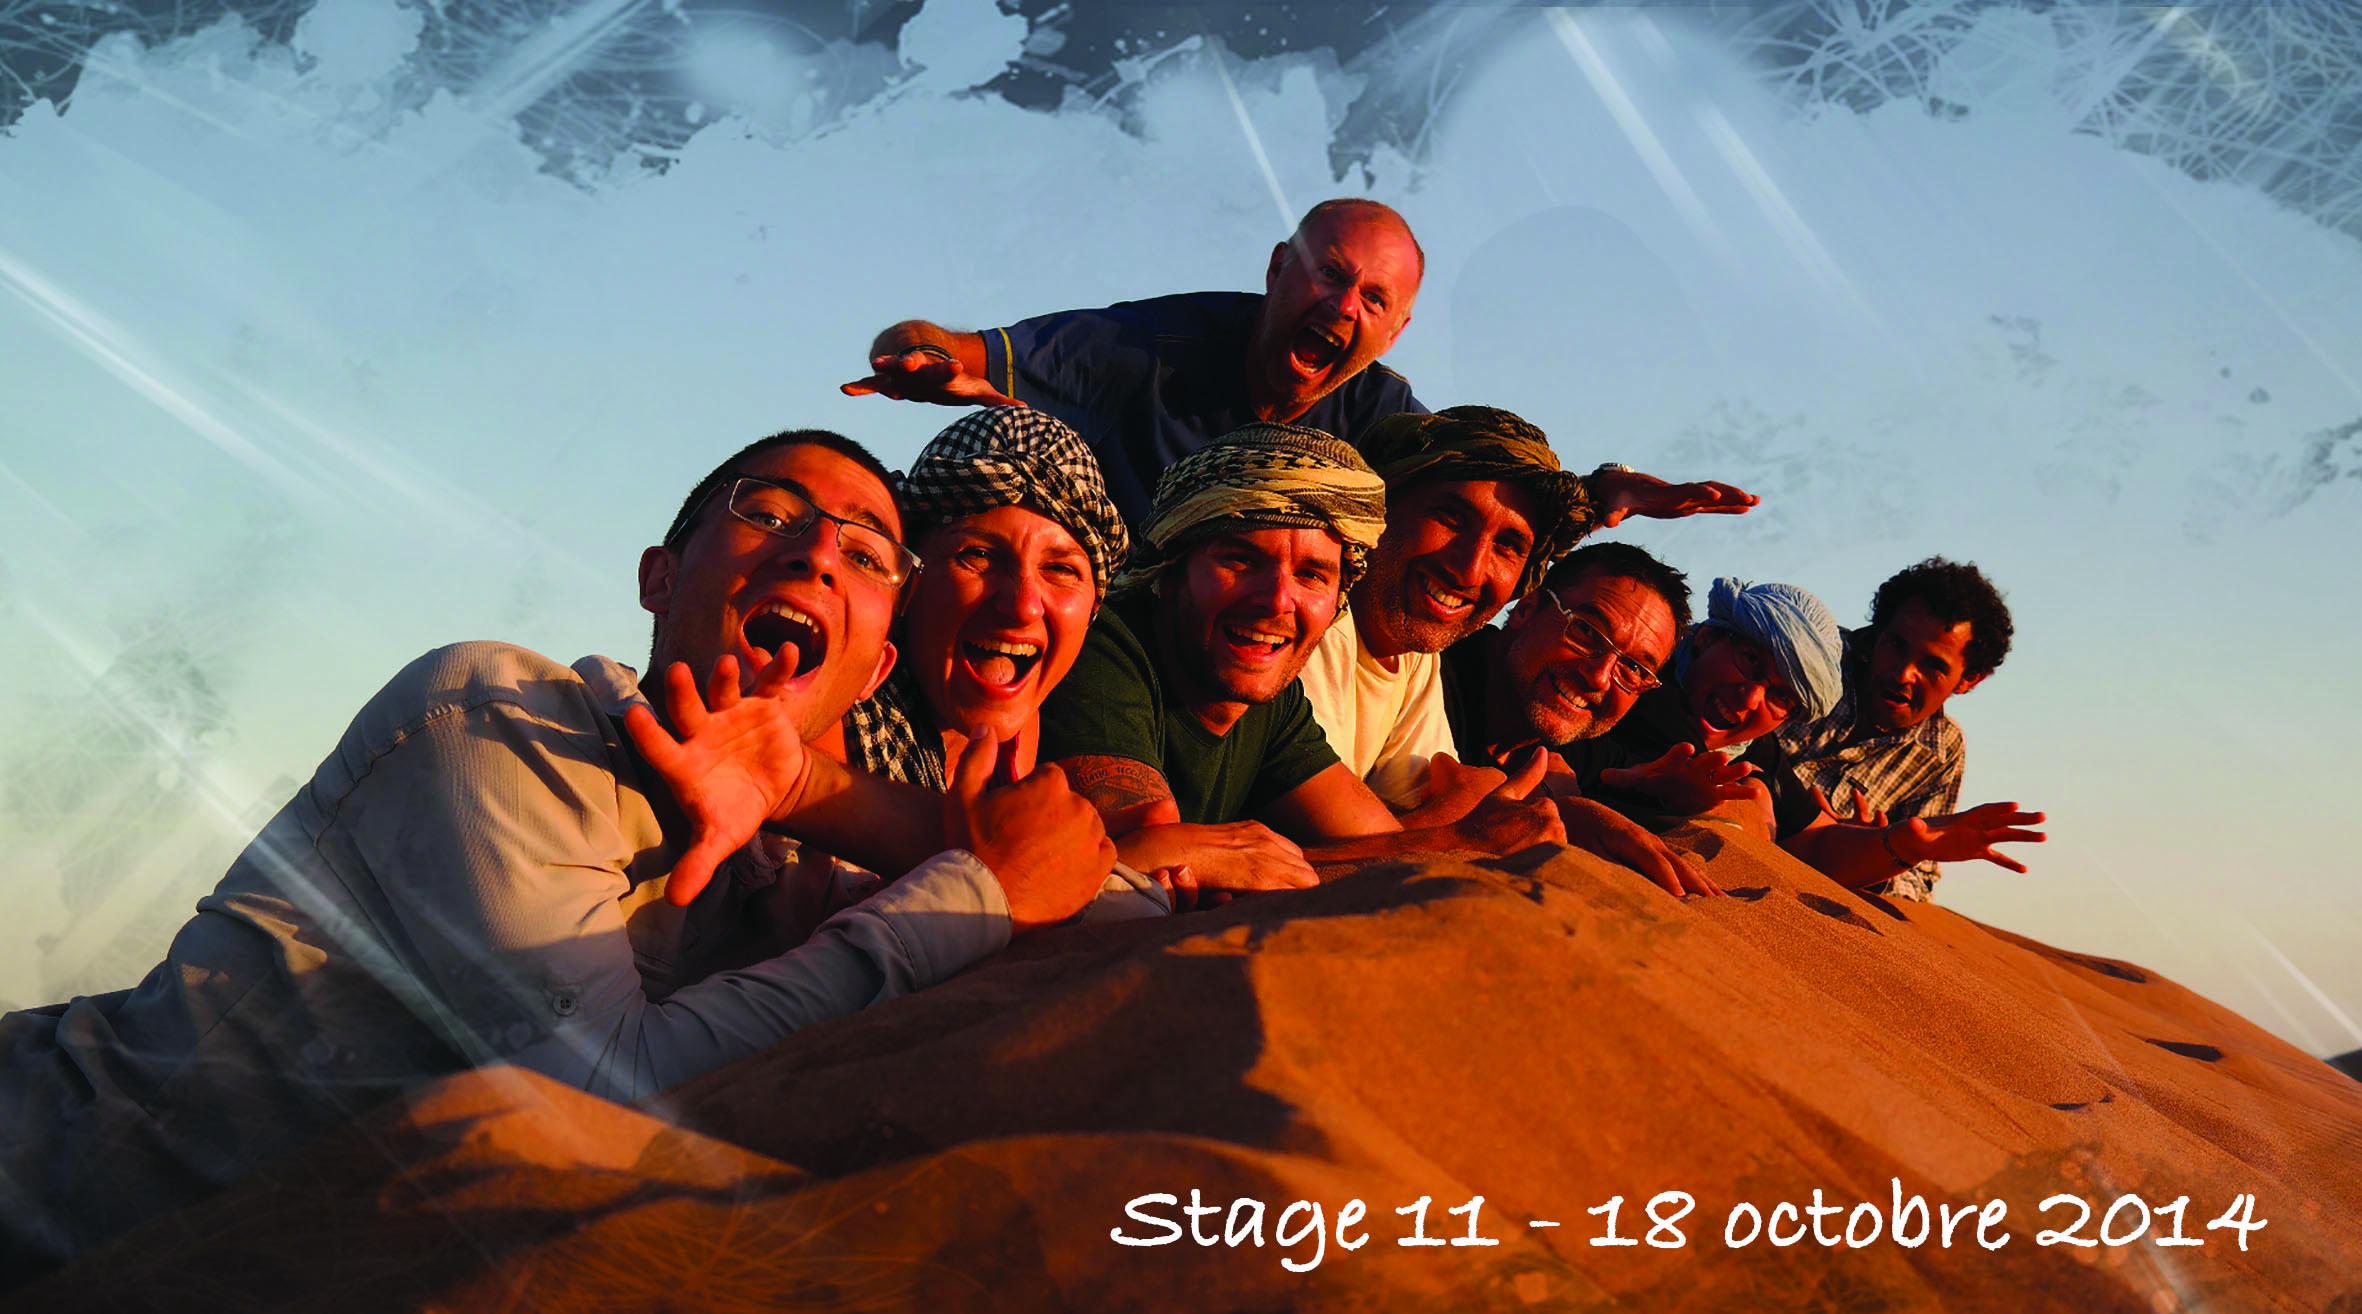 groupe 11 - 18 OCTOBRE 2014.jpg